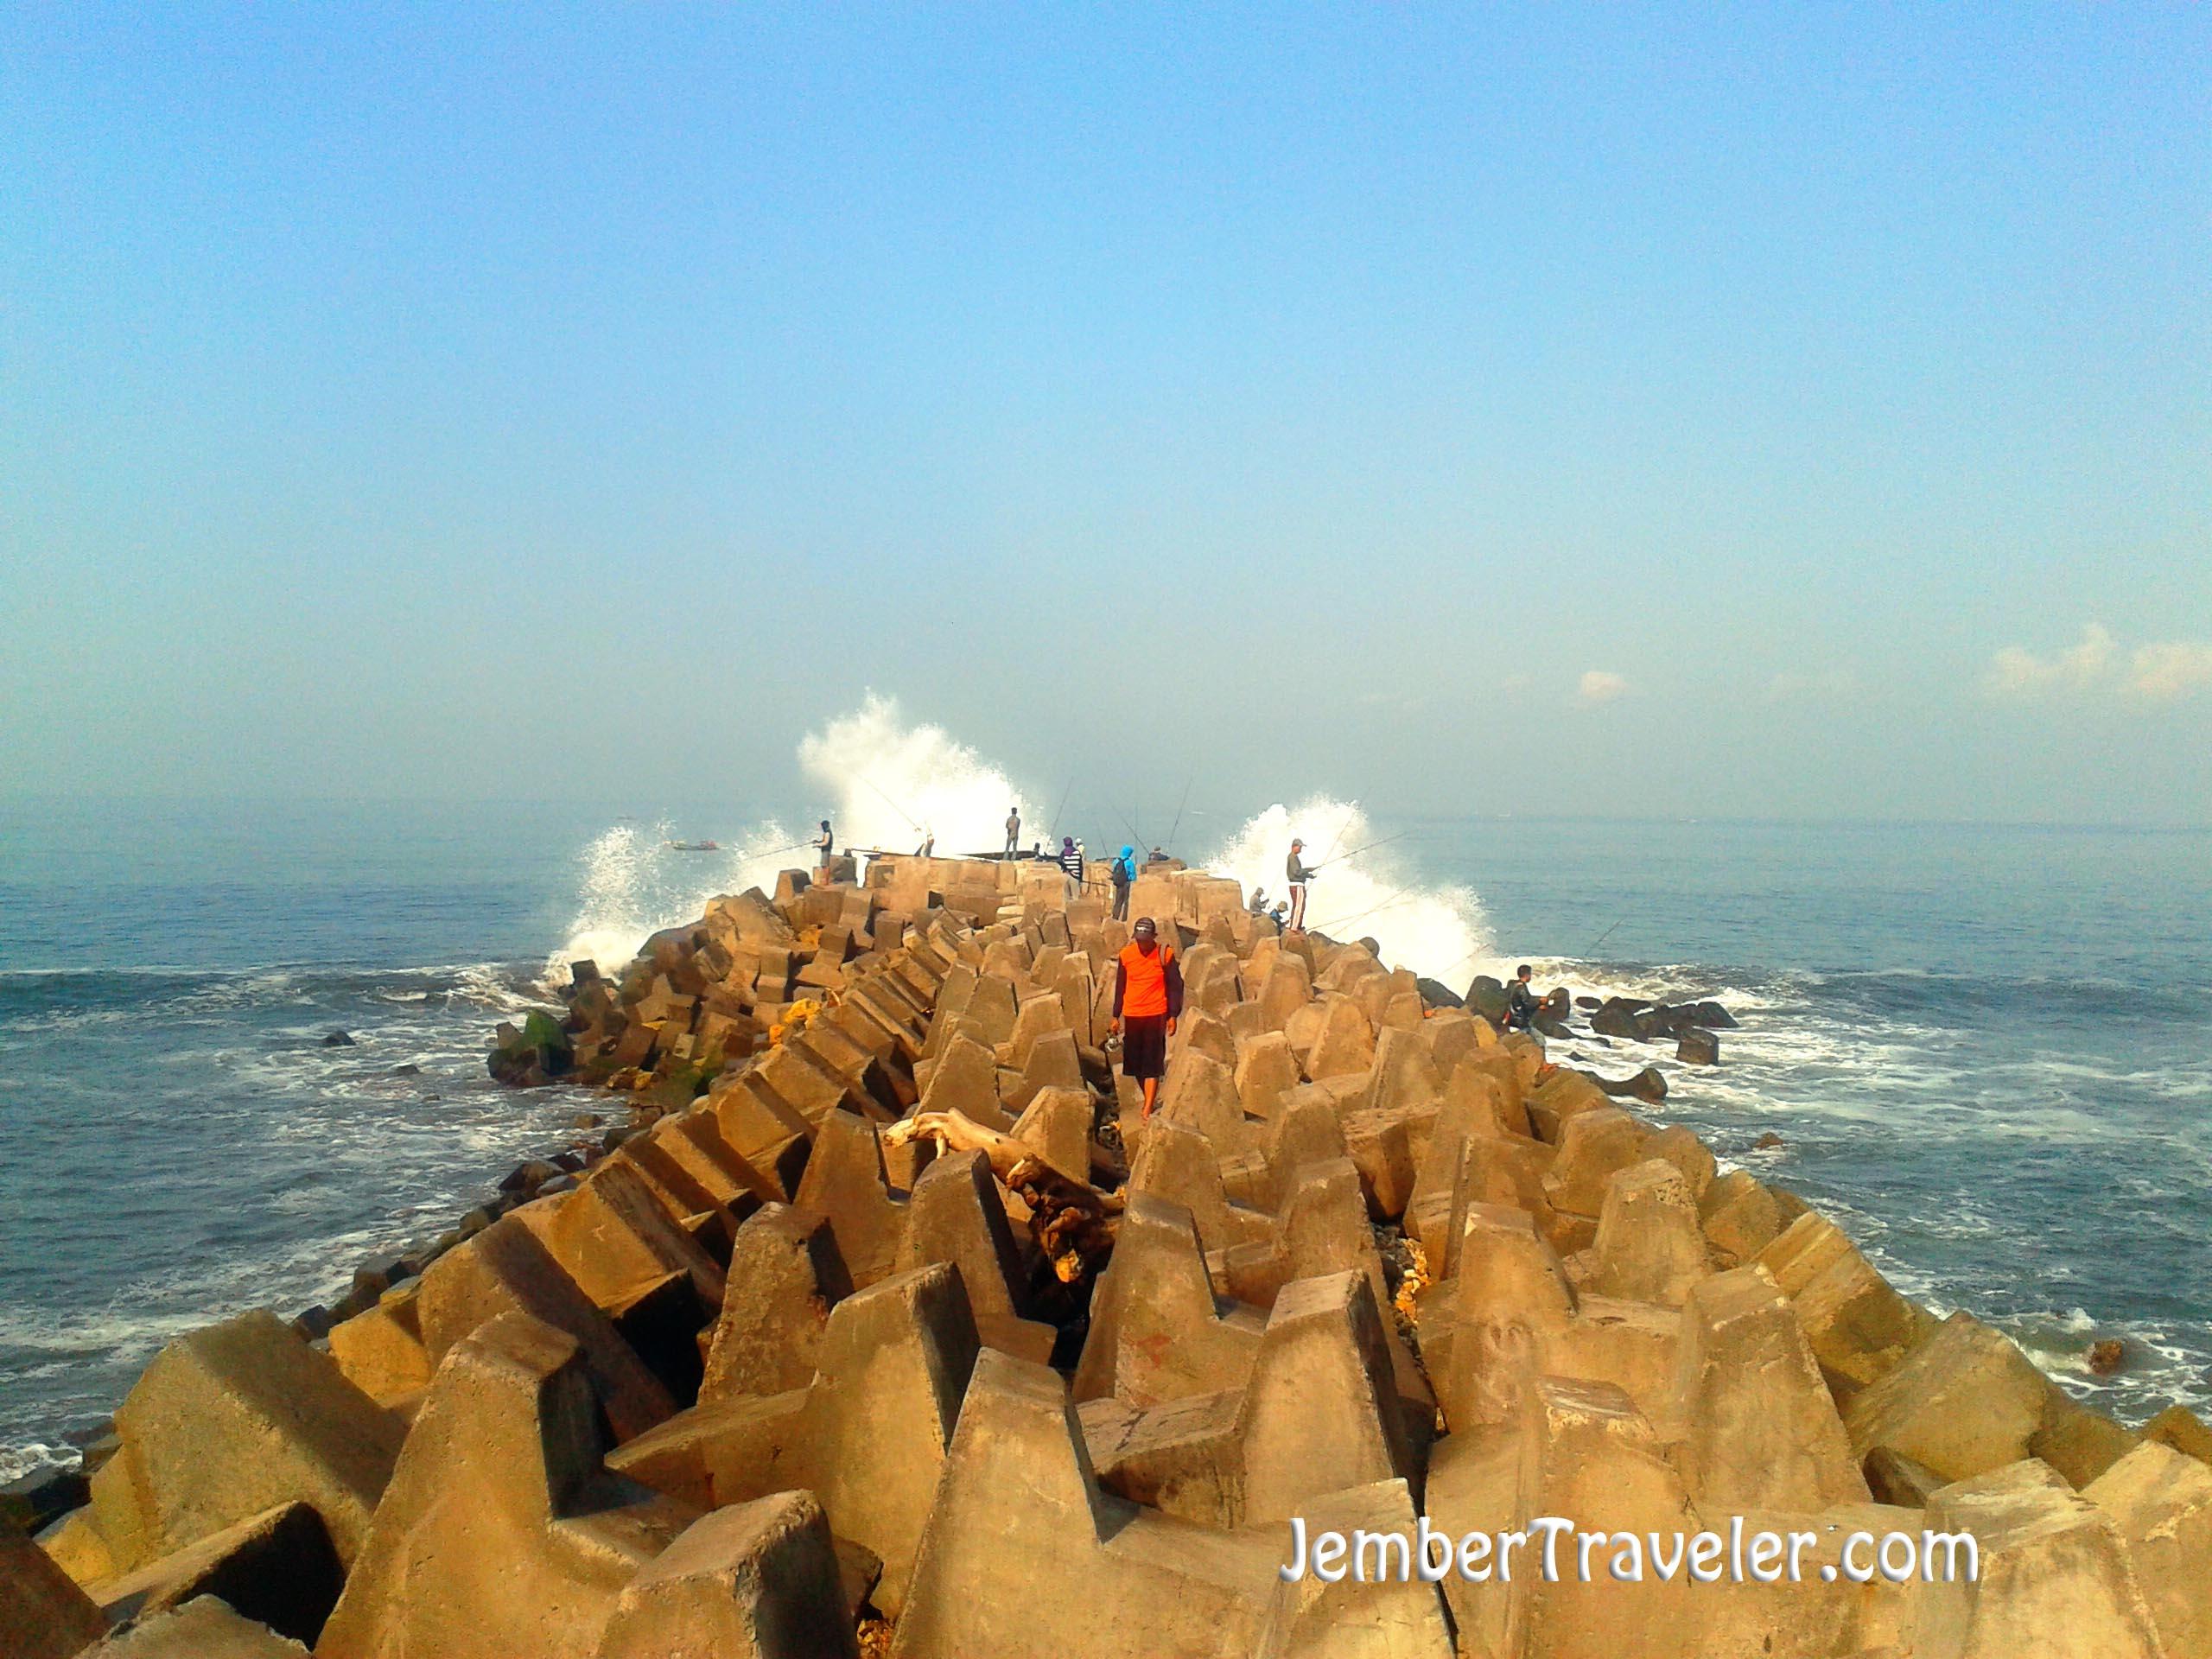 Pantai Pancer Jember Wisata Si Pemecah Ombak Jember Traveler